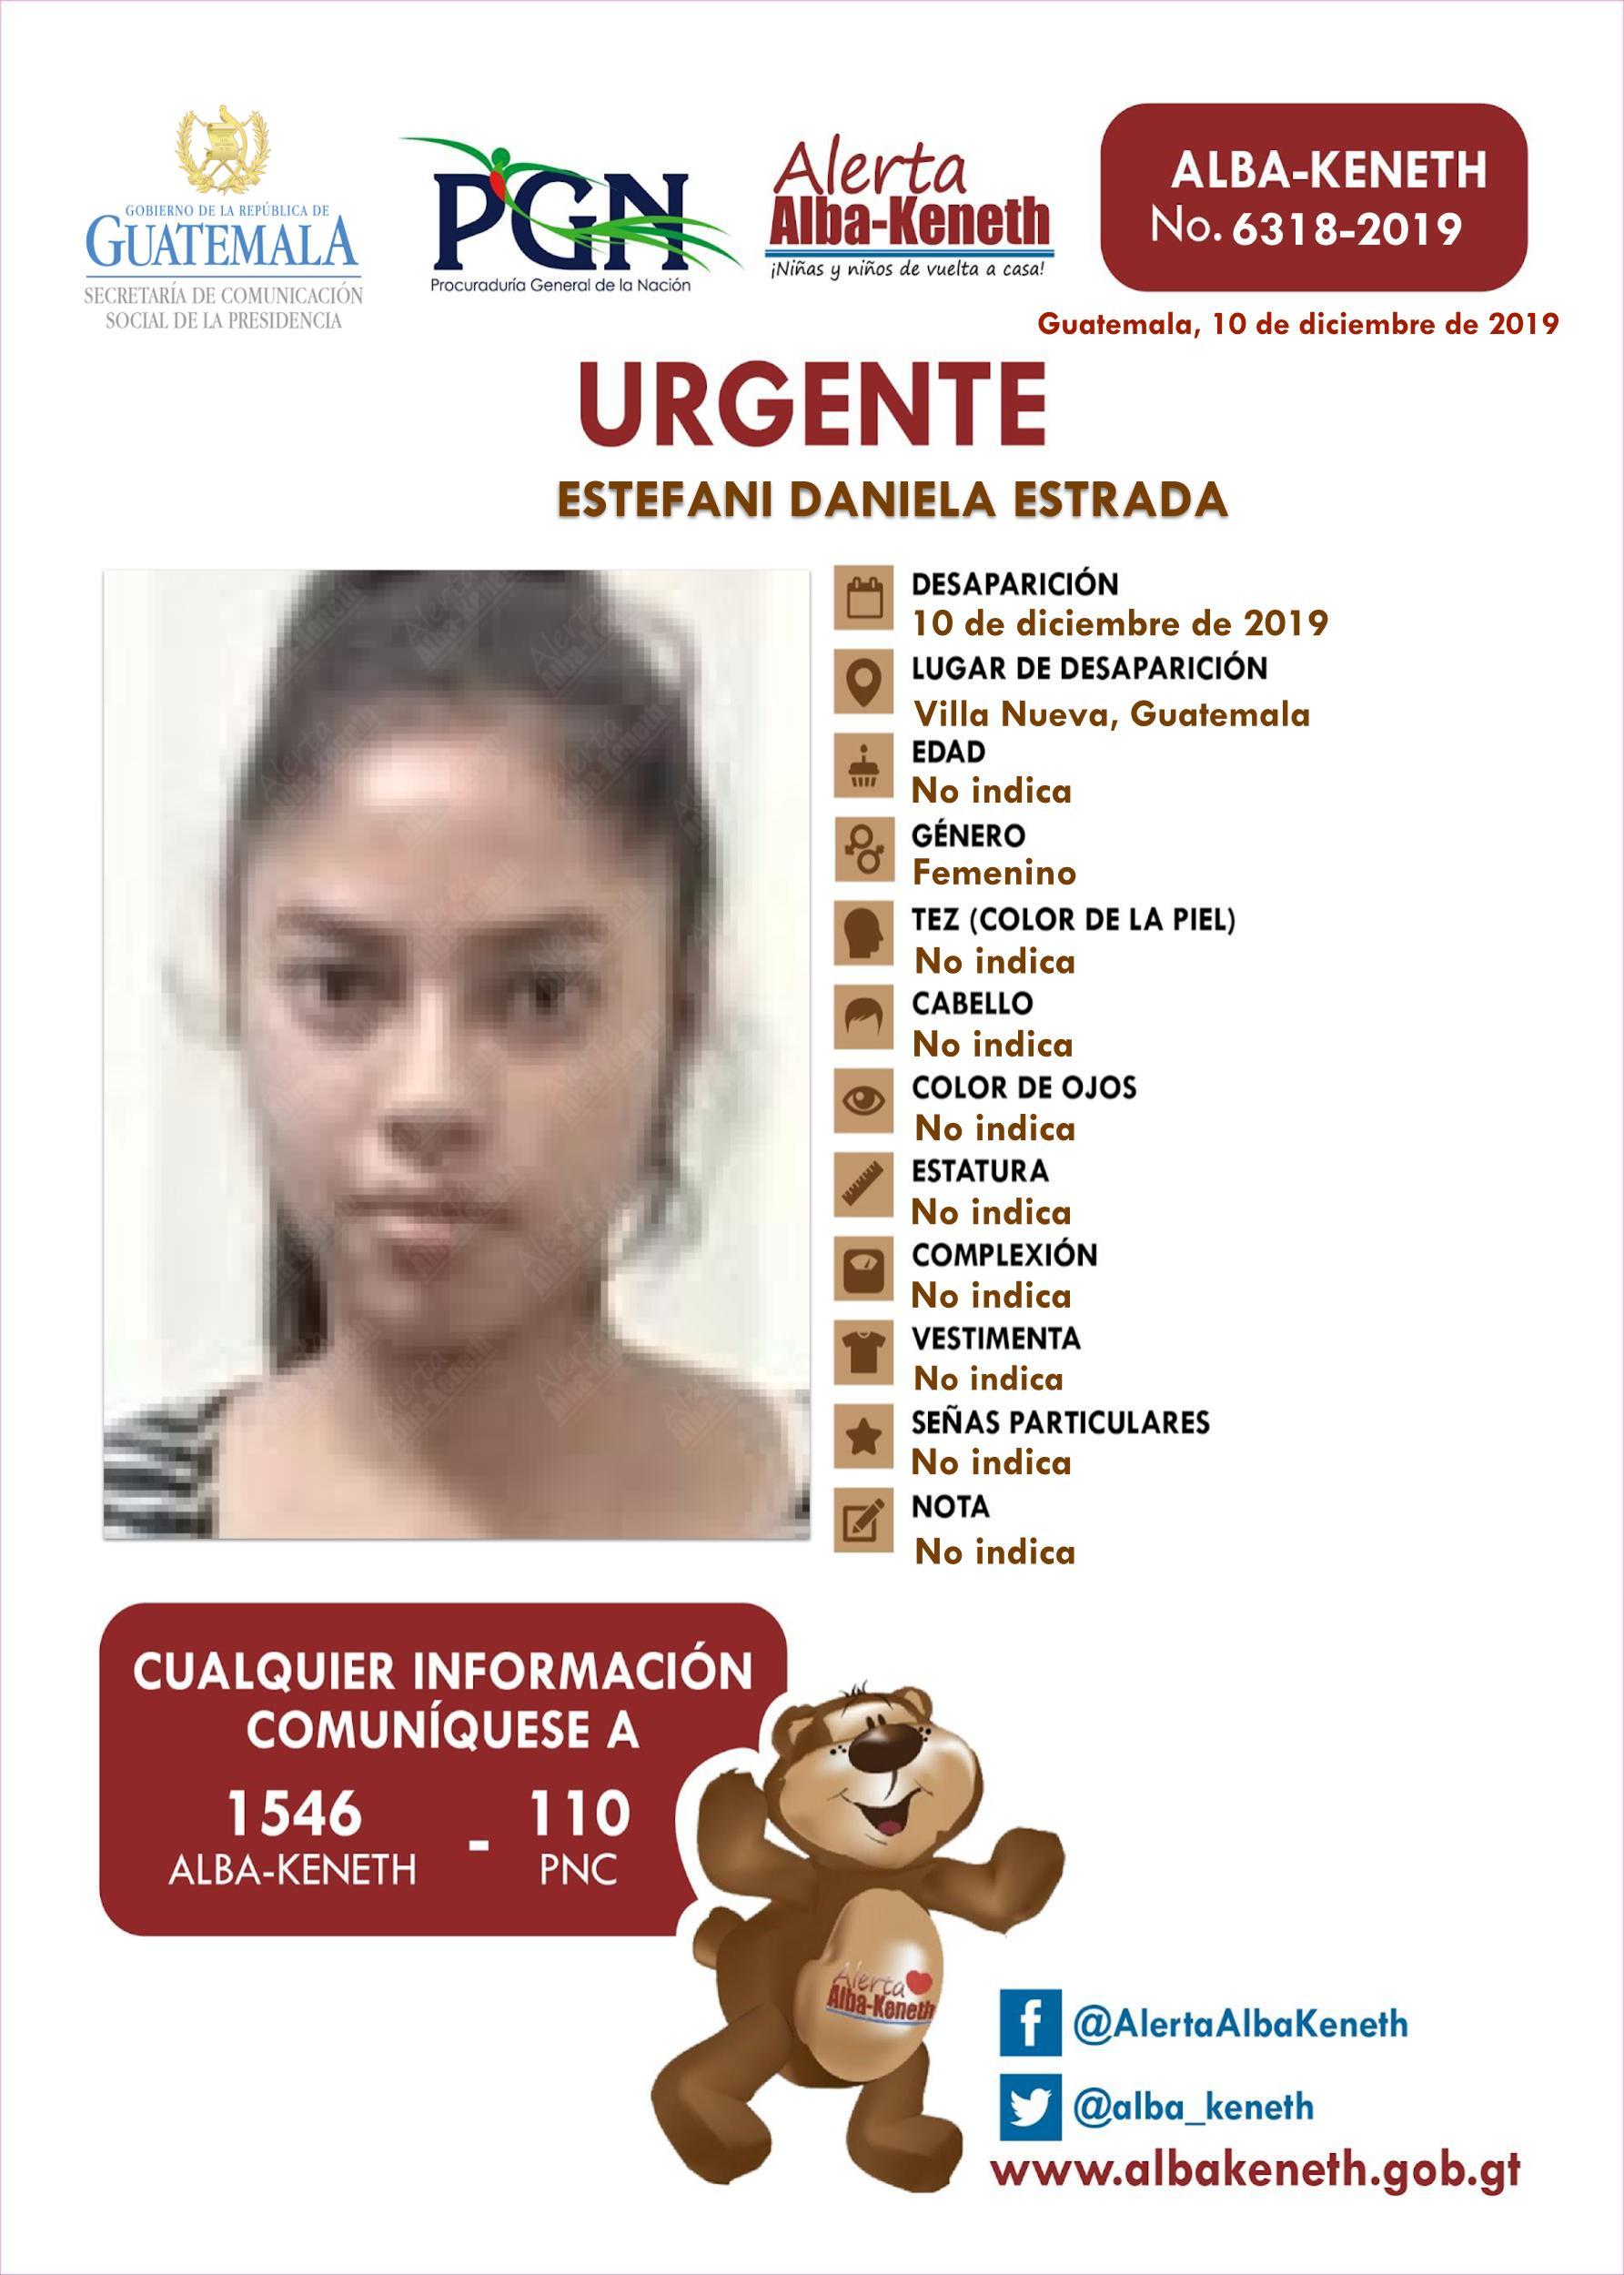 Estefani Daniela Estrada